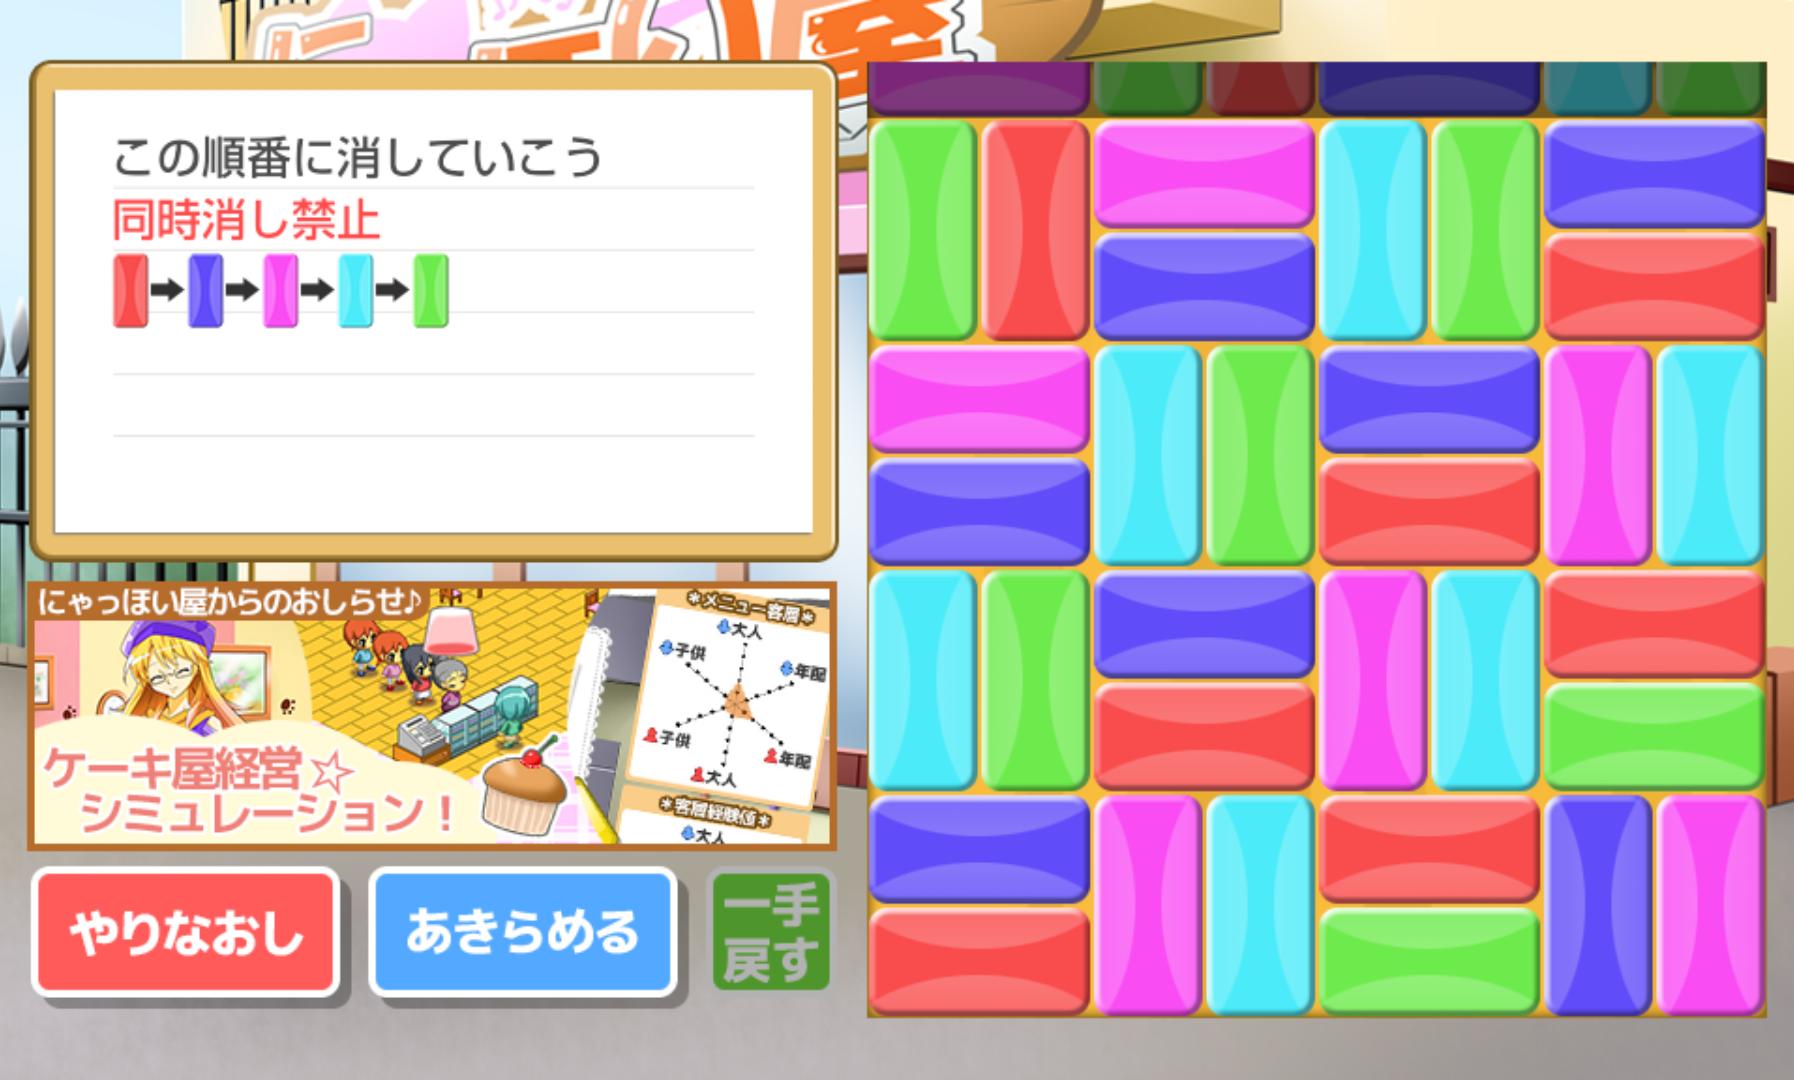 にゃっほいのクピルス androidアプリスクリーンショット1